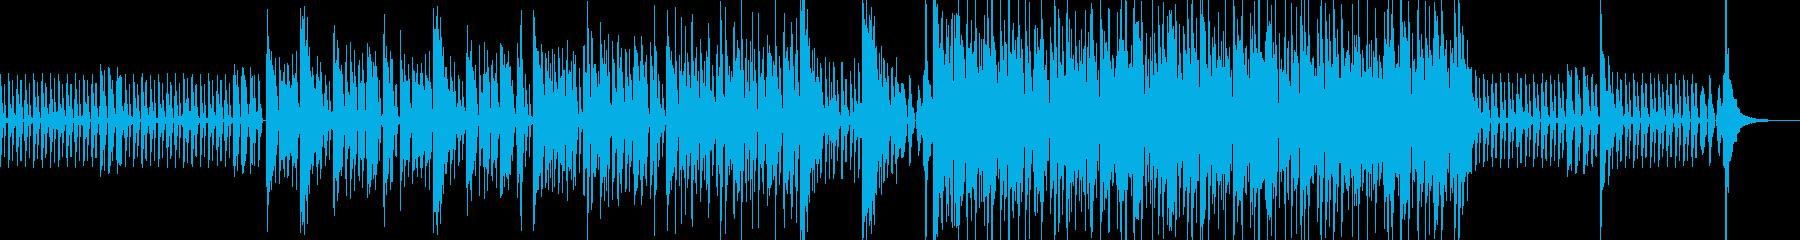 3,2,1のカウントダウン付きのファンクの再生済みの波形